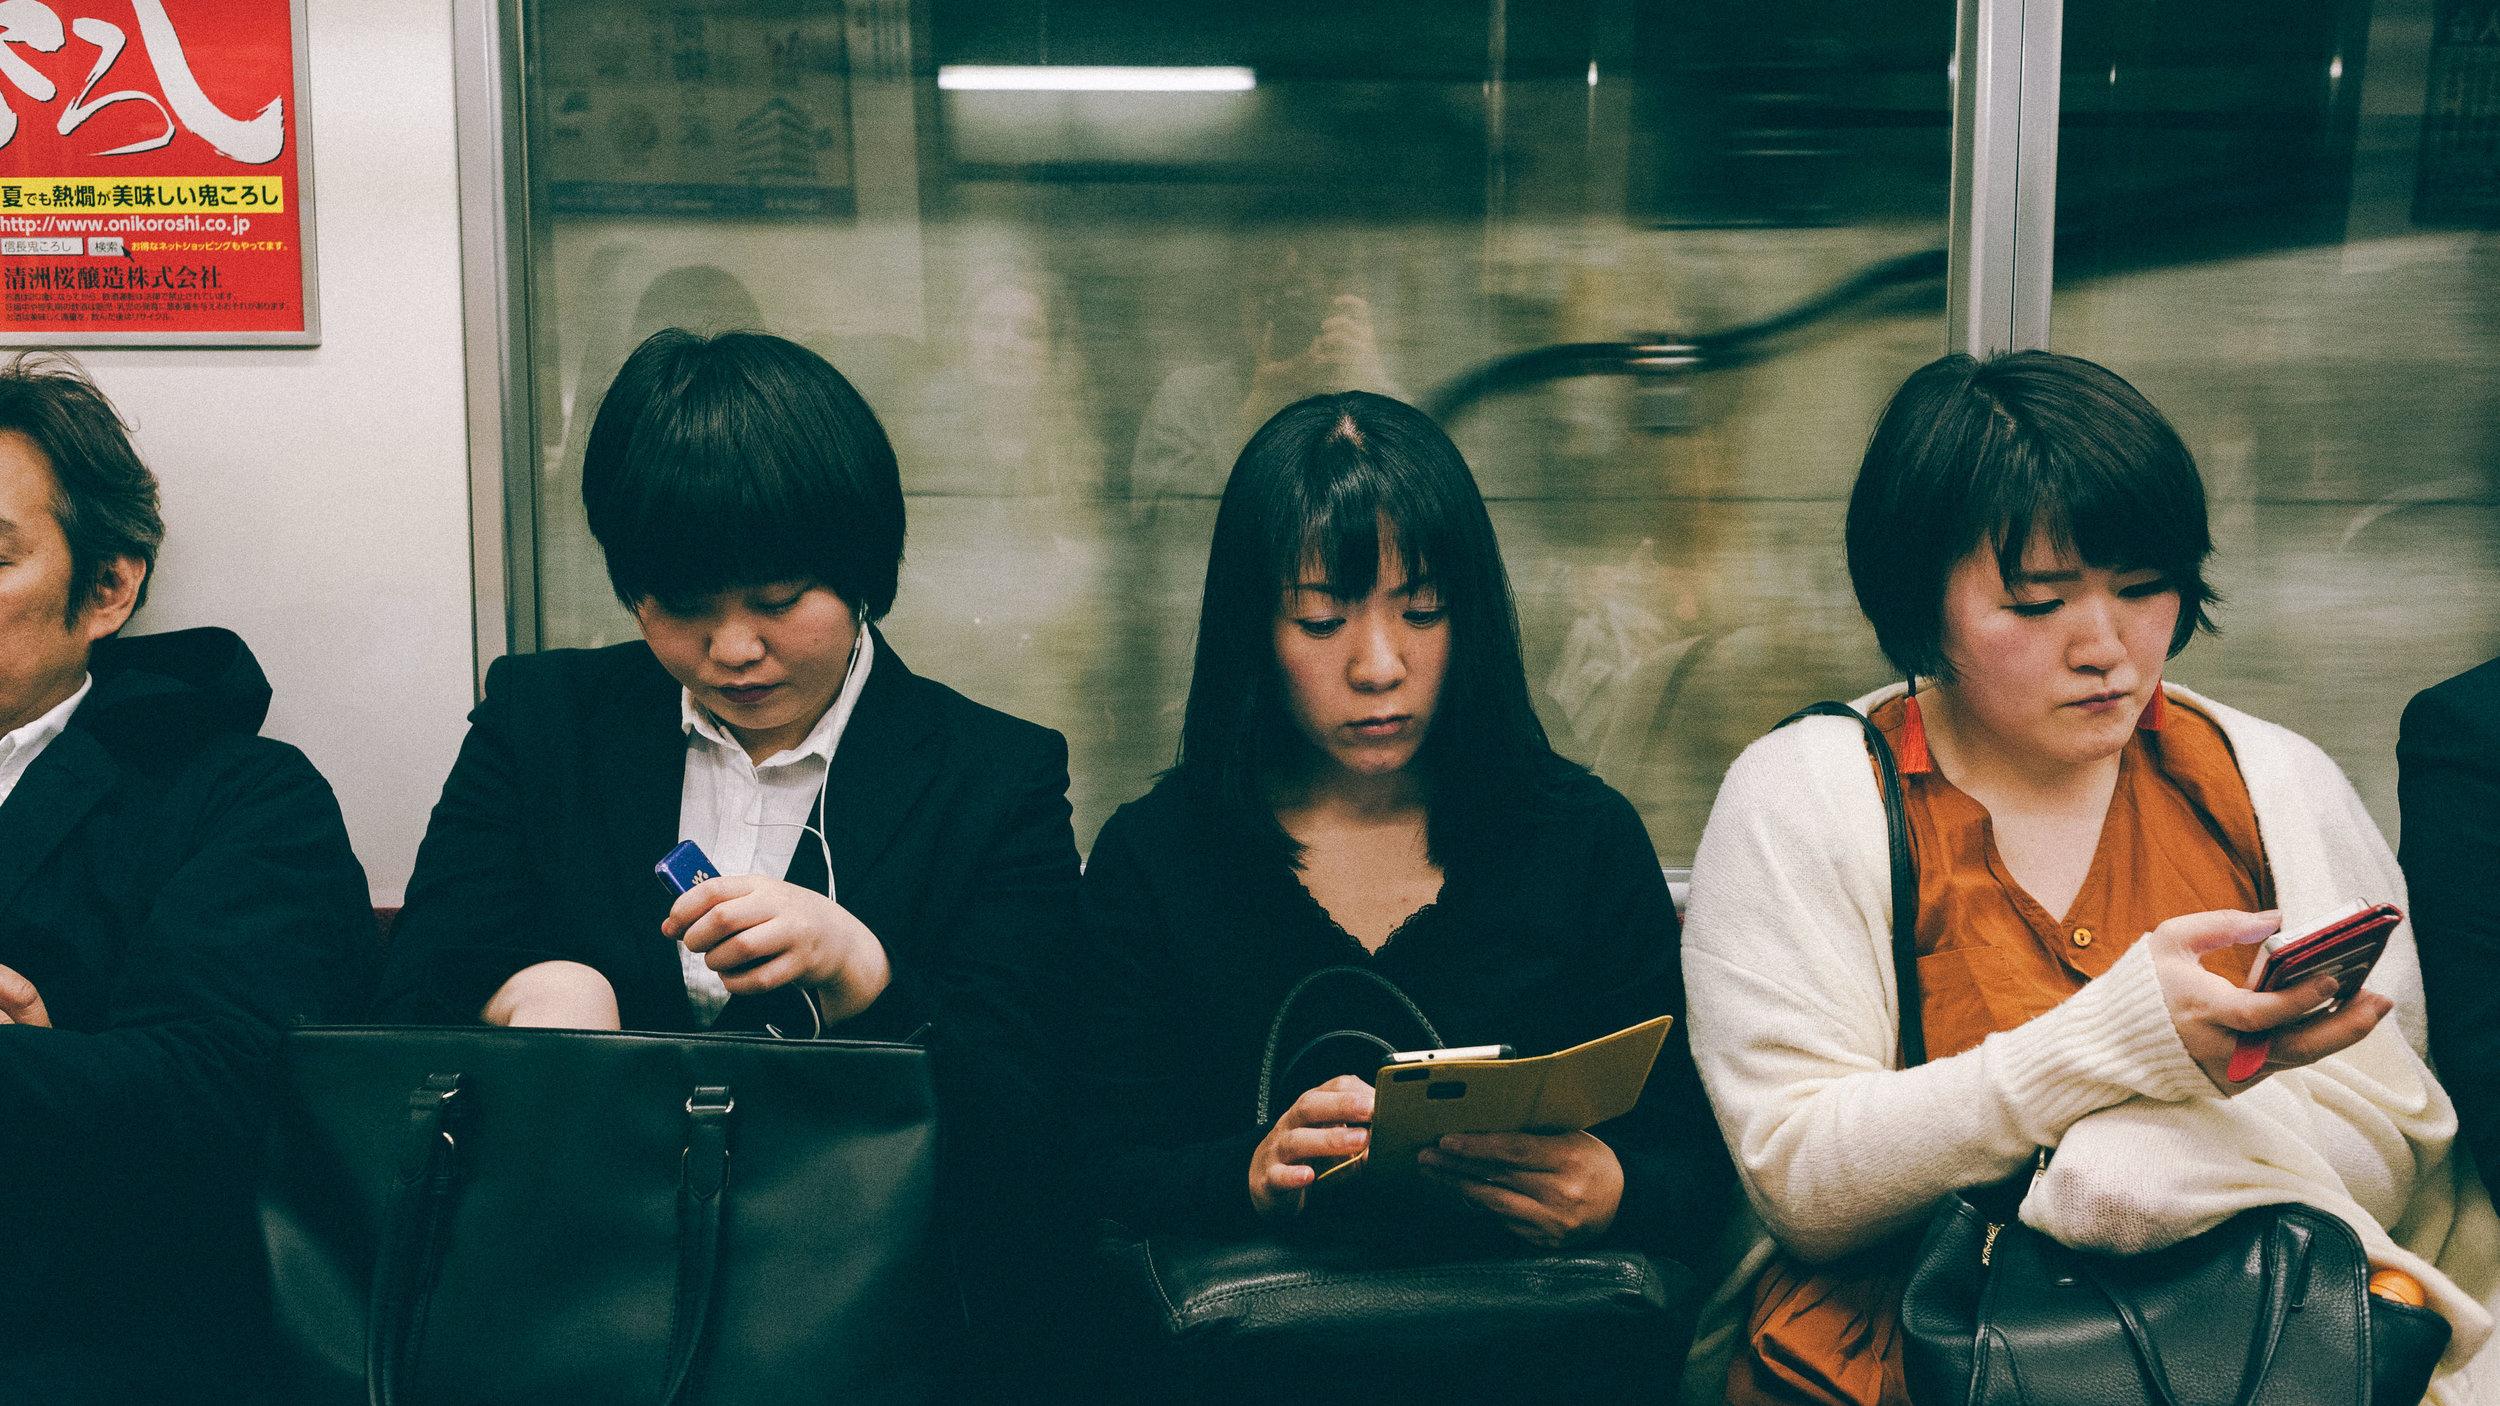 people-on-phones-on-the-tokyo-metro.jpg